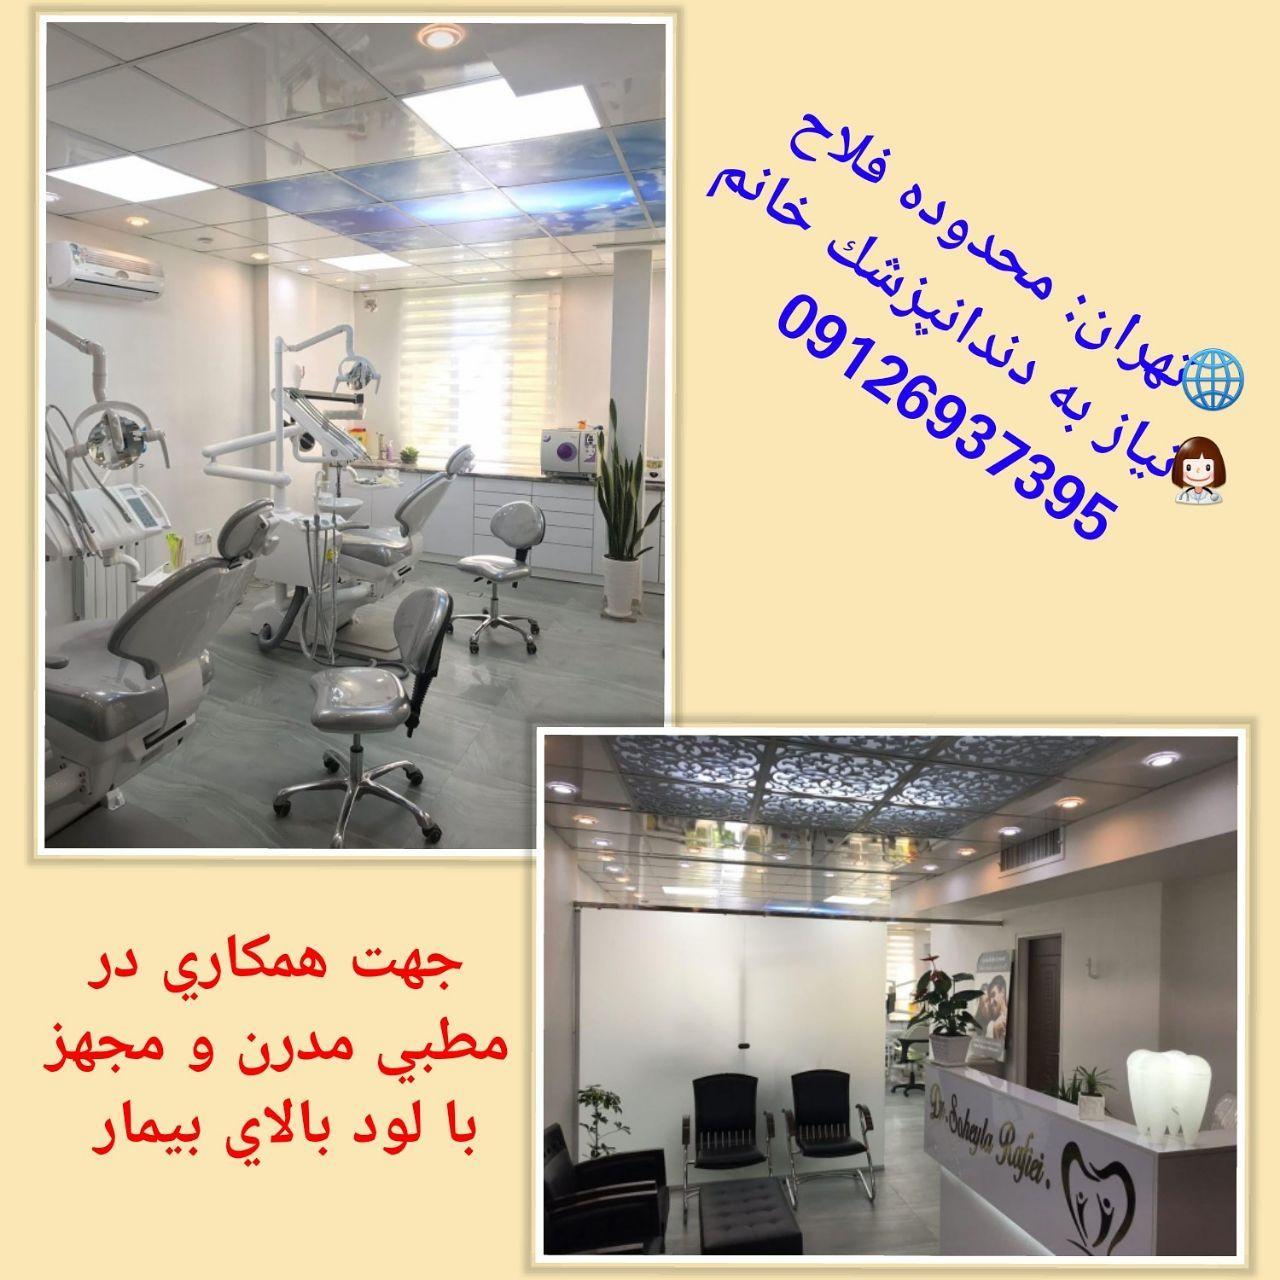 تهران: محدوده فلاح، نیاز به دندانپزشک خانم